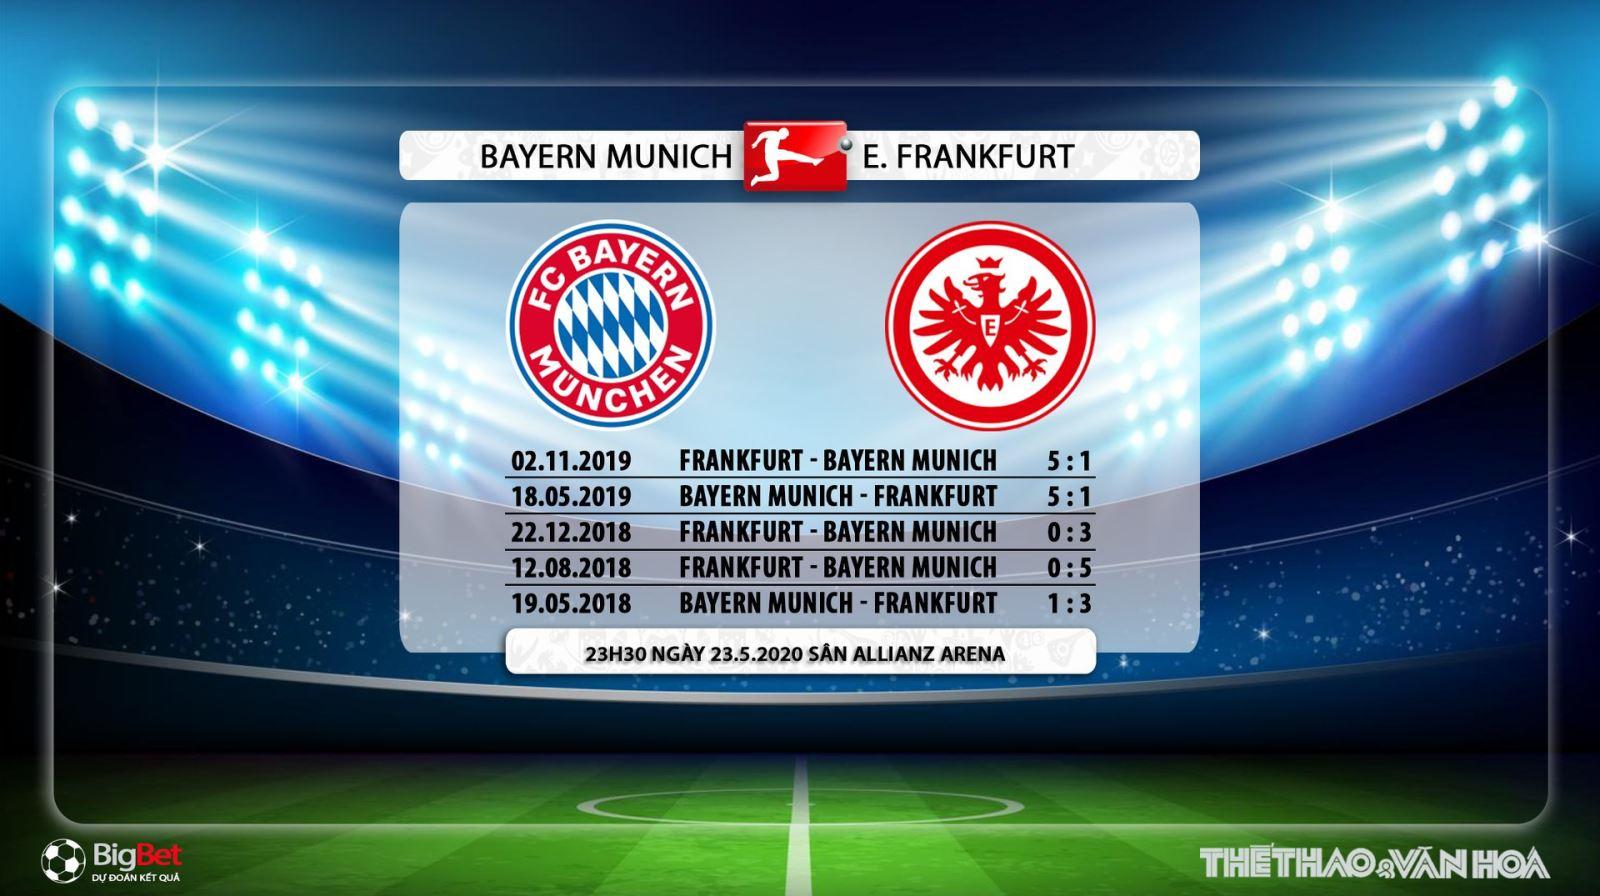 Bayern Munich vs Frankfurt, bundesliga, soi kèo bóng đá, bóng đá, nhận định, bayern munich, Bayern Munich đấu với Frankfurt